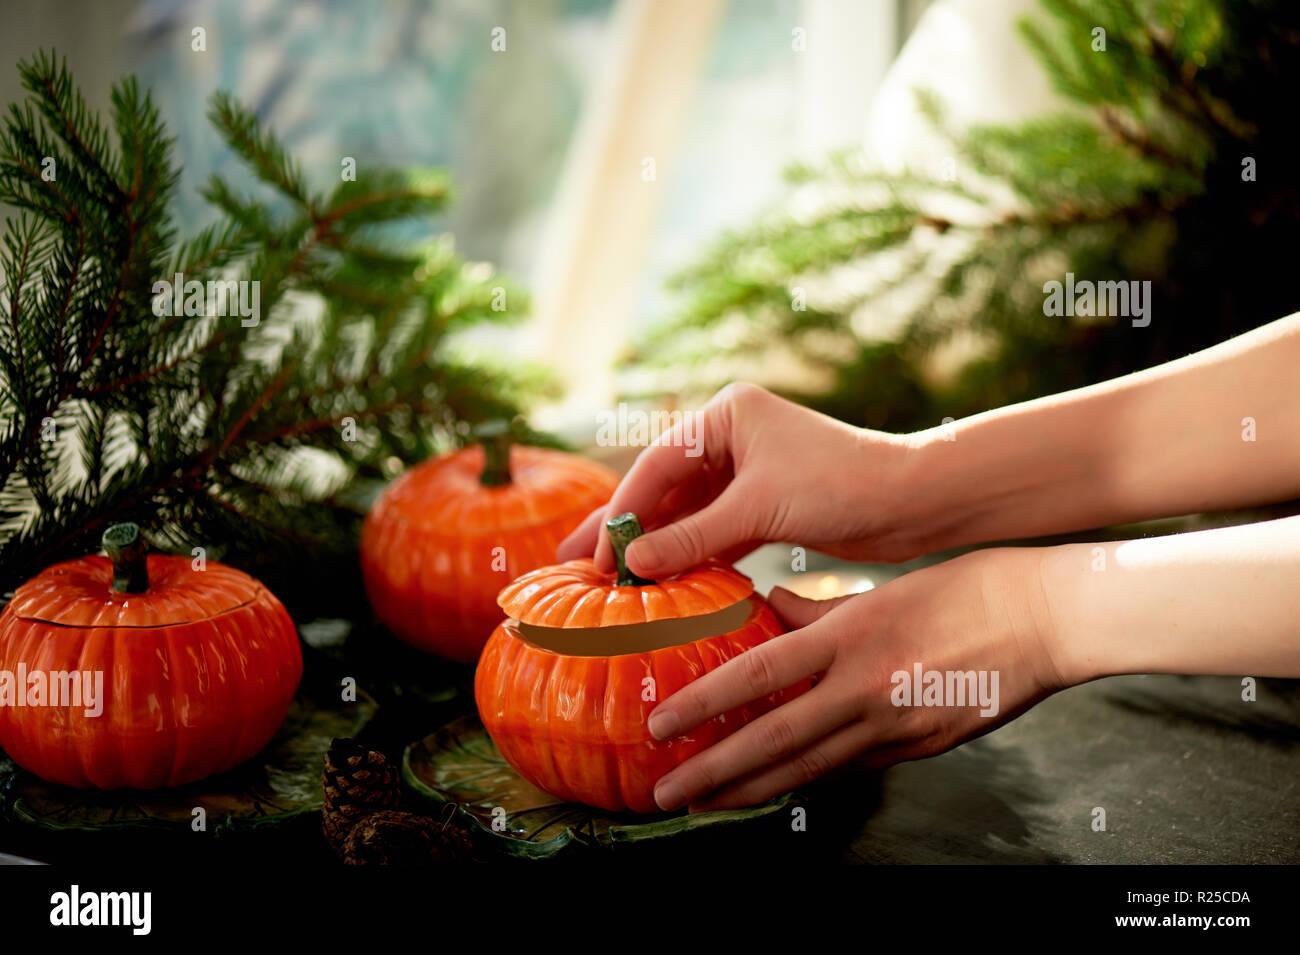 Handgefertigte Keramik in Form von kürbisse. Weihnachten Pfoten. Die Atmosphäre der Feier und Wohnkomfort. Hände öffnen Sie den Deckel auf den Topf. Stockbild